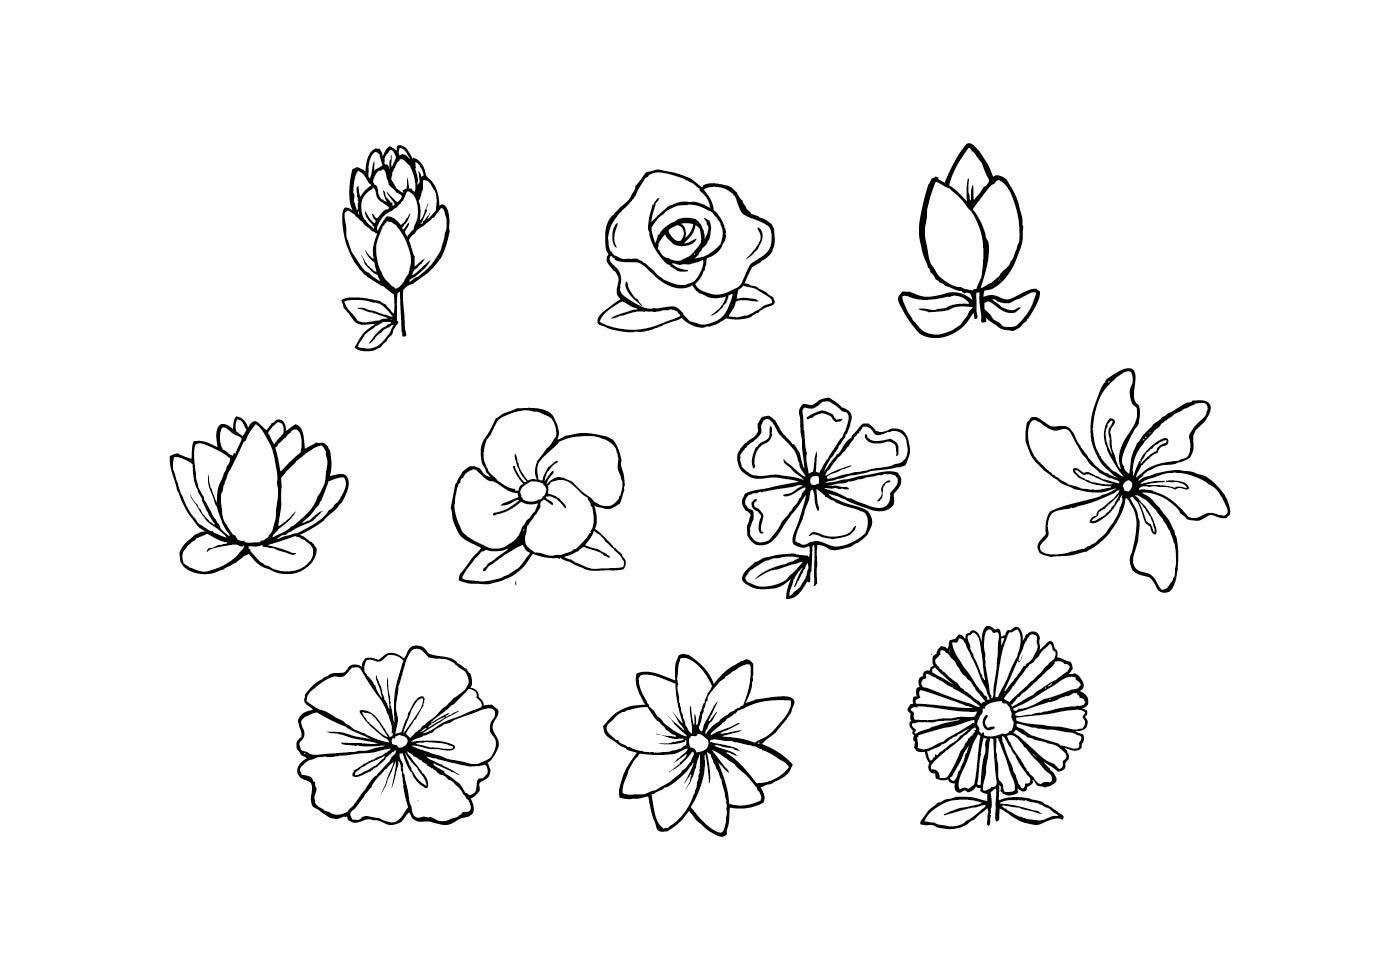 вместе мини рисунки цветок перед